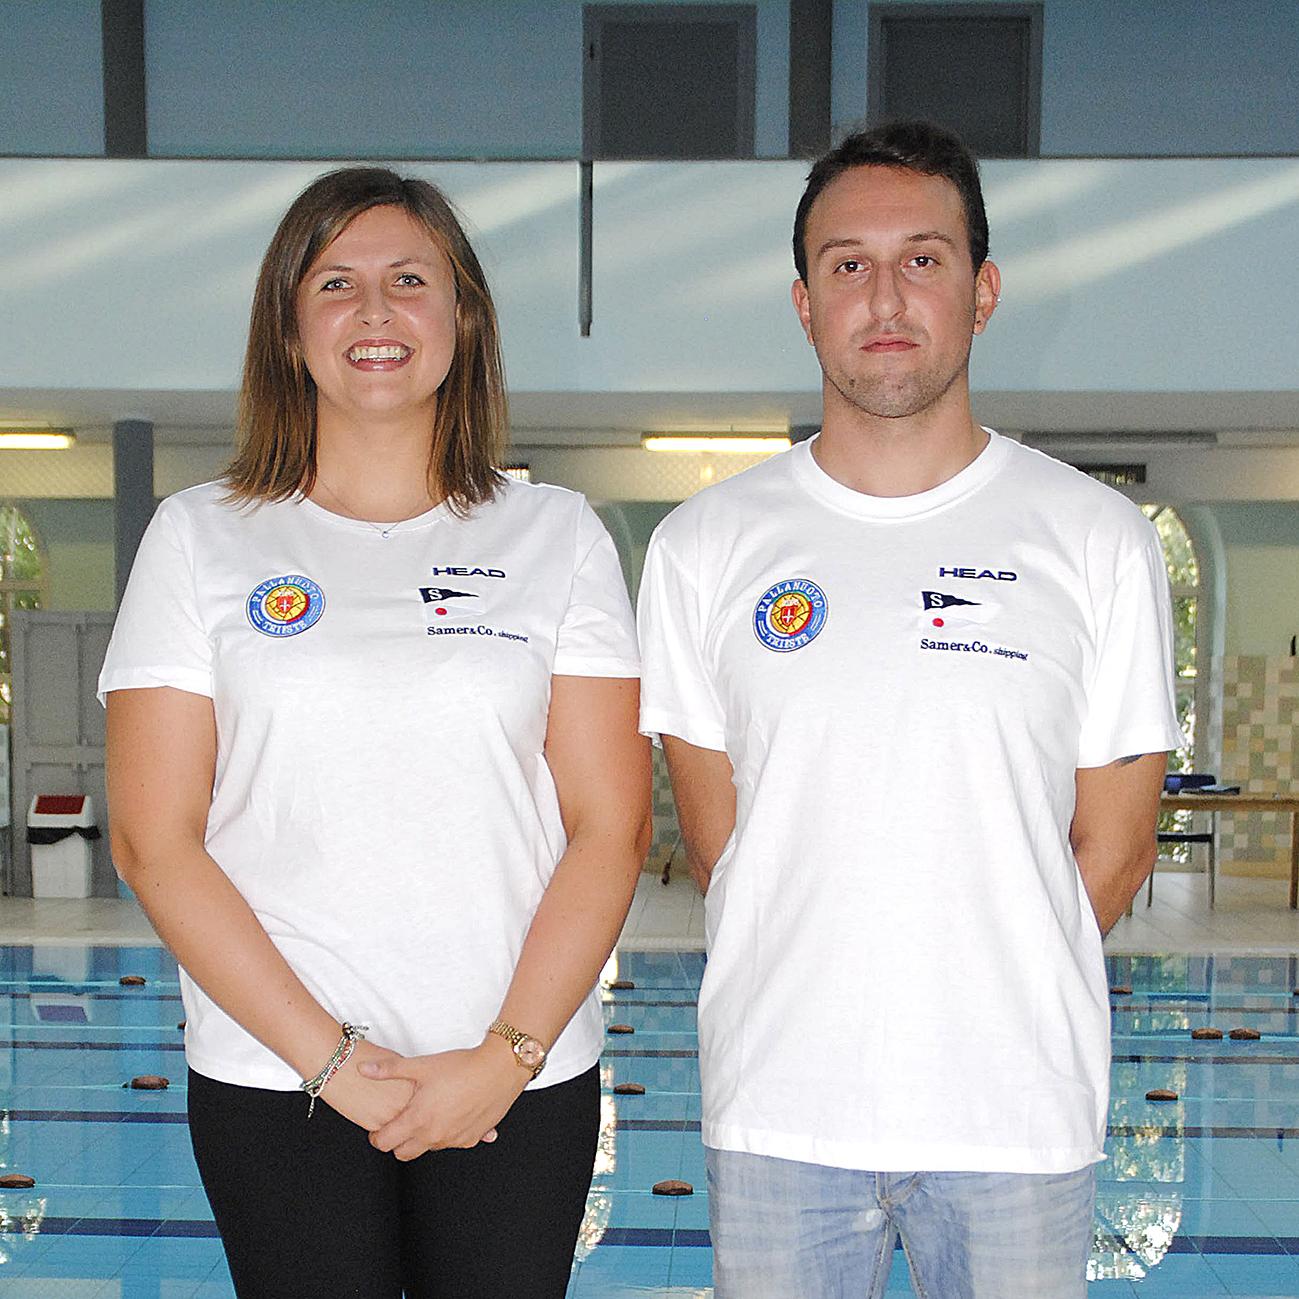 Ecco lo staff del nuoto agonistico della Pallanuoto Trieste. Tante conferme e alcune novità, su tutte l'olimpionica azzurra Stefania Pirozzi